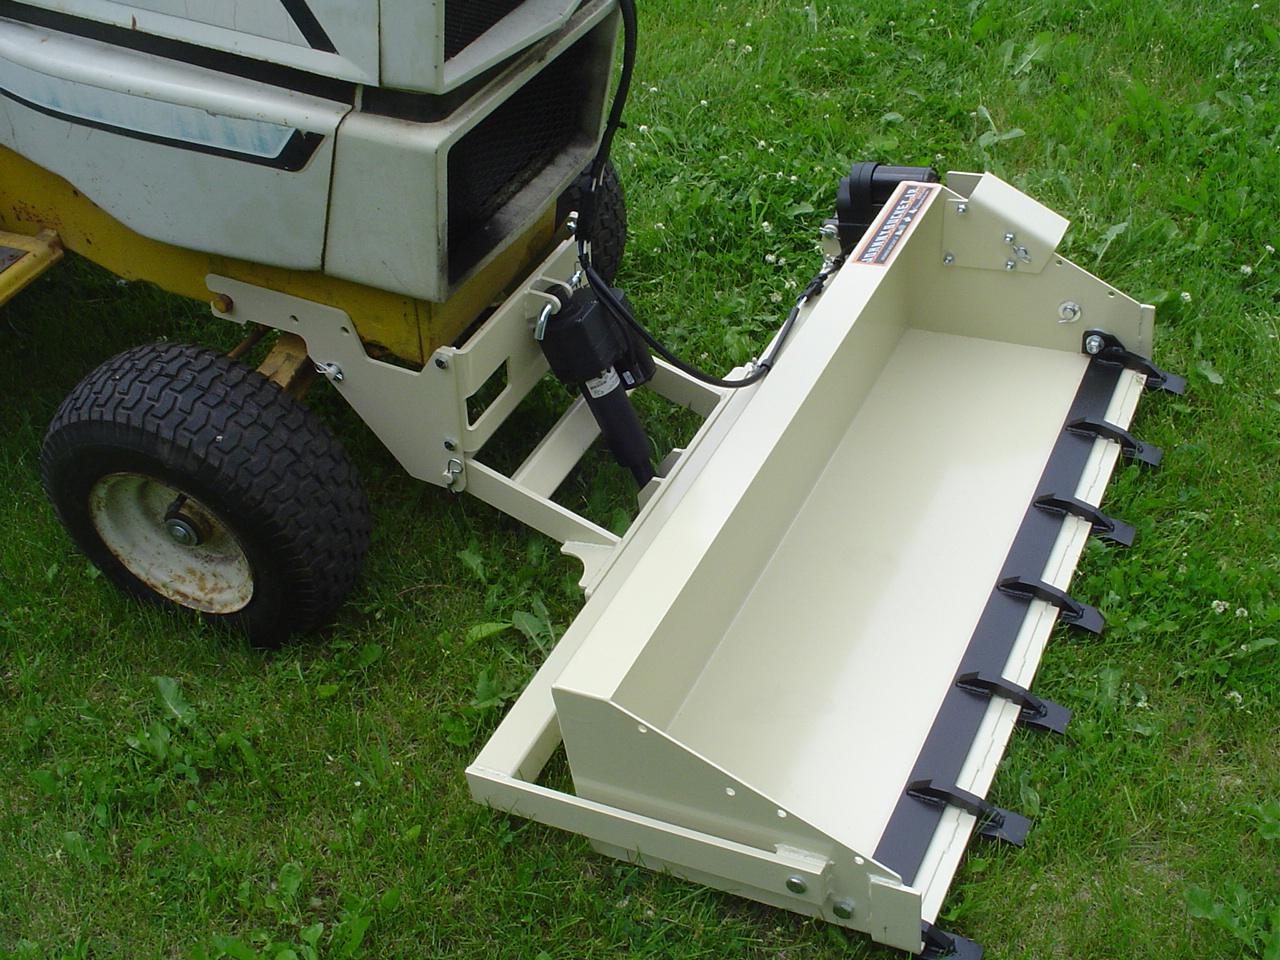 Garden Swisher Tractor Bucket Dump